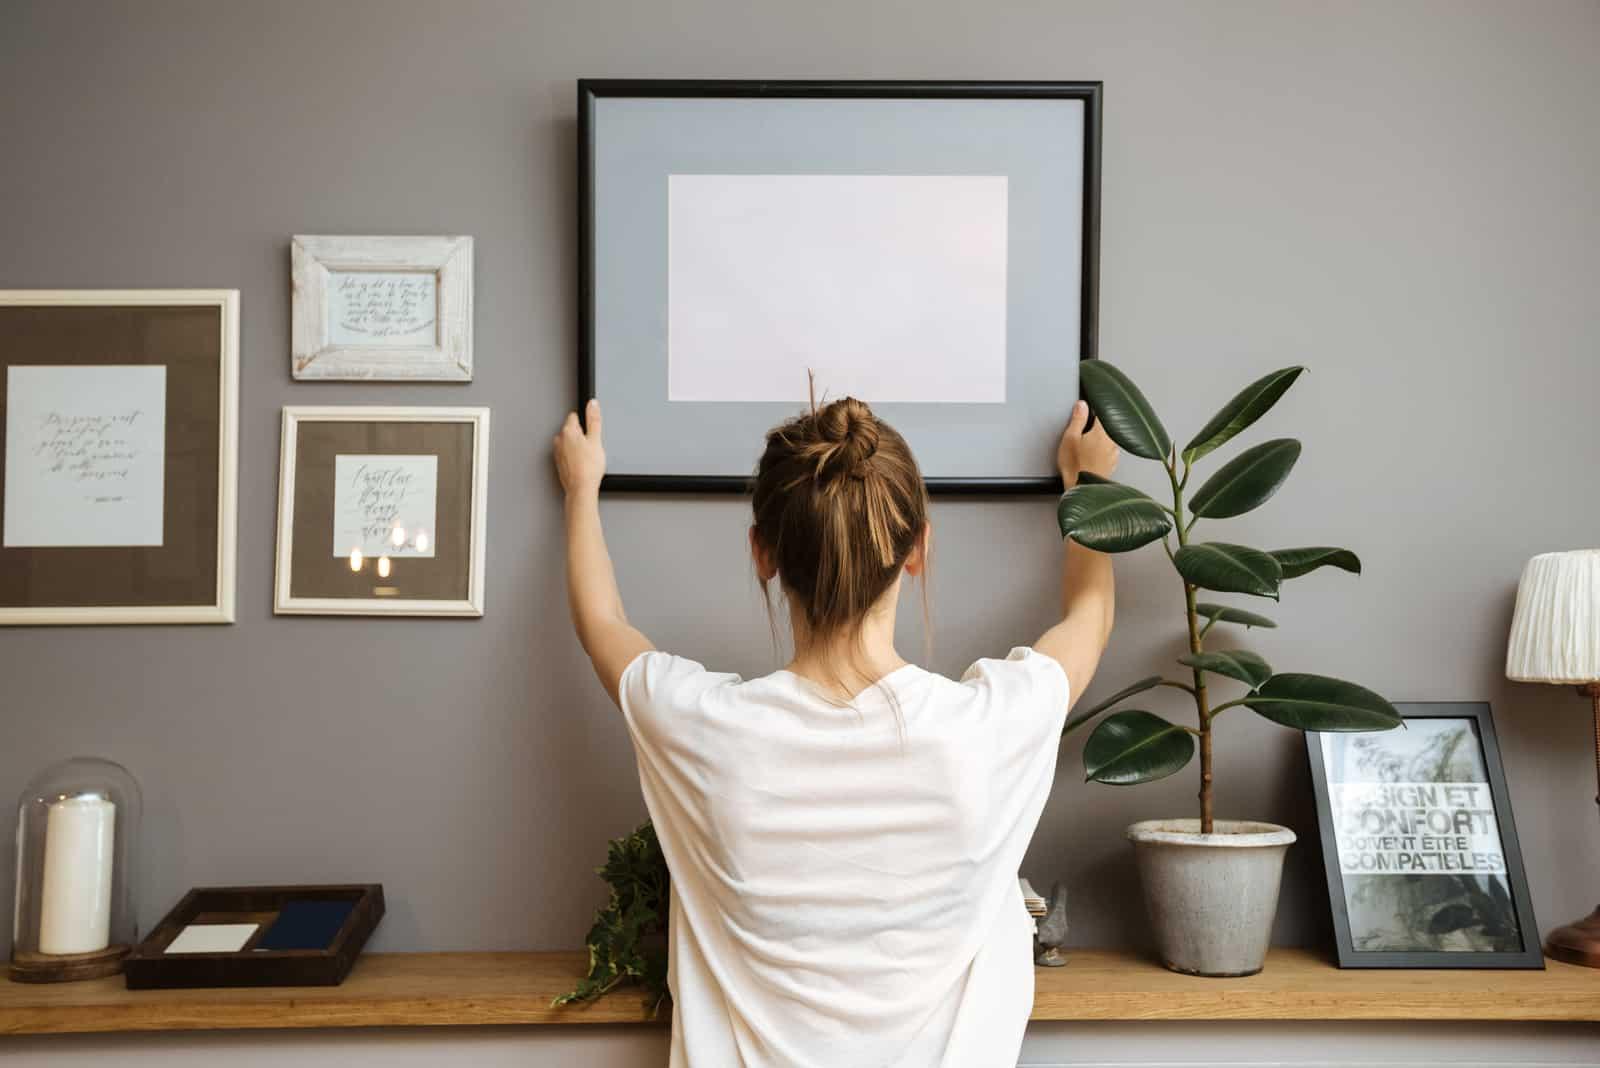 Fille accrochant un cadre sur un mur gris